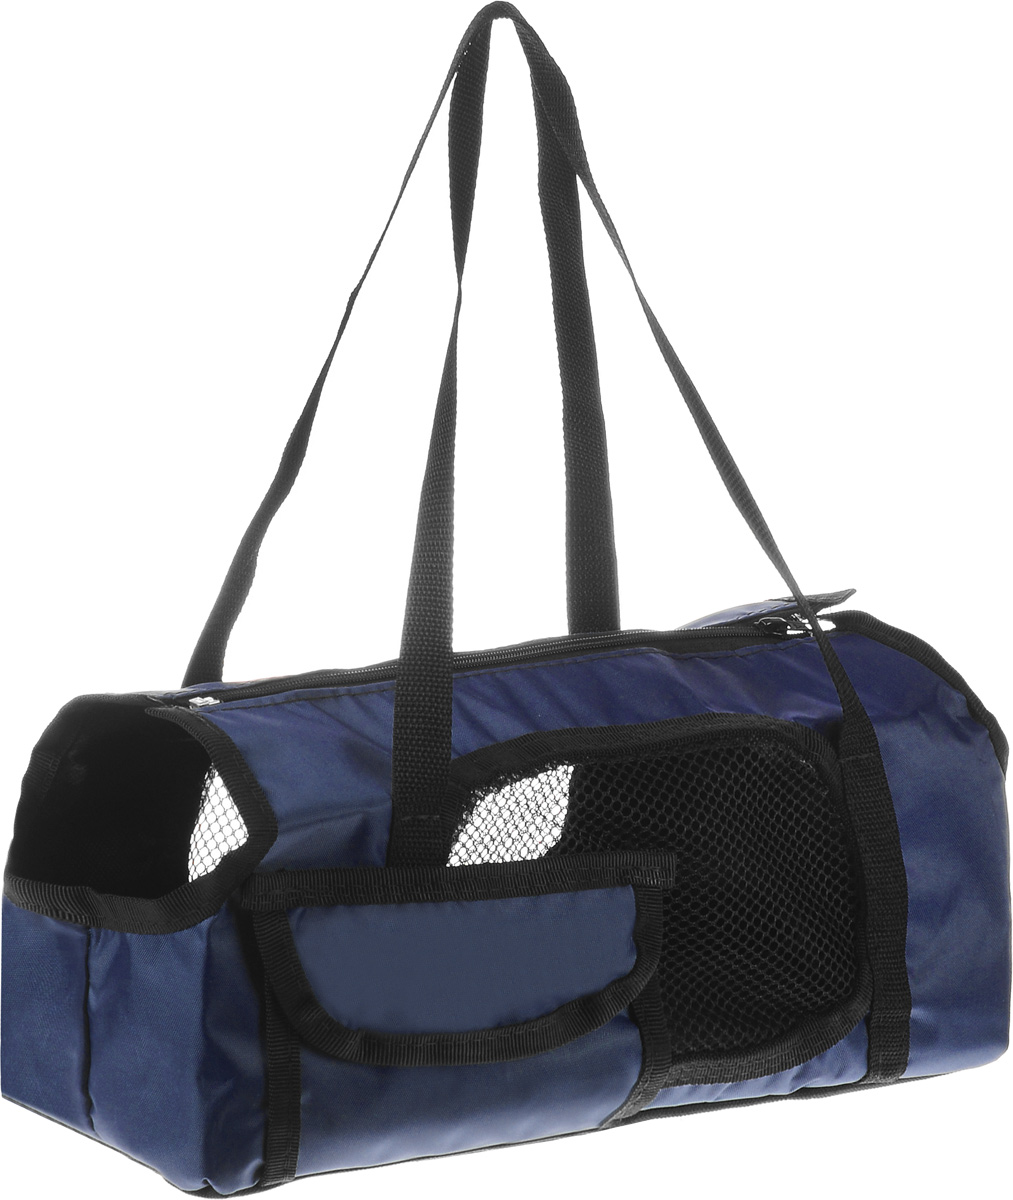 Сумка-переноска для животных Elite Valley Батискаф, с отверстием для головы, цвет: темно-синий, черный, 37 х 14 х 16 см0120710Текстильная сумка Elite Valley Батискаф предназначена для собак мелких пород и кошек. Изделие закрывается на застежку-молнию. Для удобной переноски предусмотрены ручки. С внешней стороны имеется один небольшой карман. Также сумка оснащена отверстиями для головы и хвоста животного. По бокам расположены вставки из сетчатой ткани. Дно уплотнено твердой съемной вставкой.Сумка-переноска Elite Valley Батискаф обязательно понравится вашему домашнему любимцу.